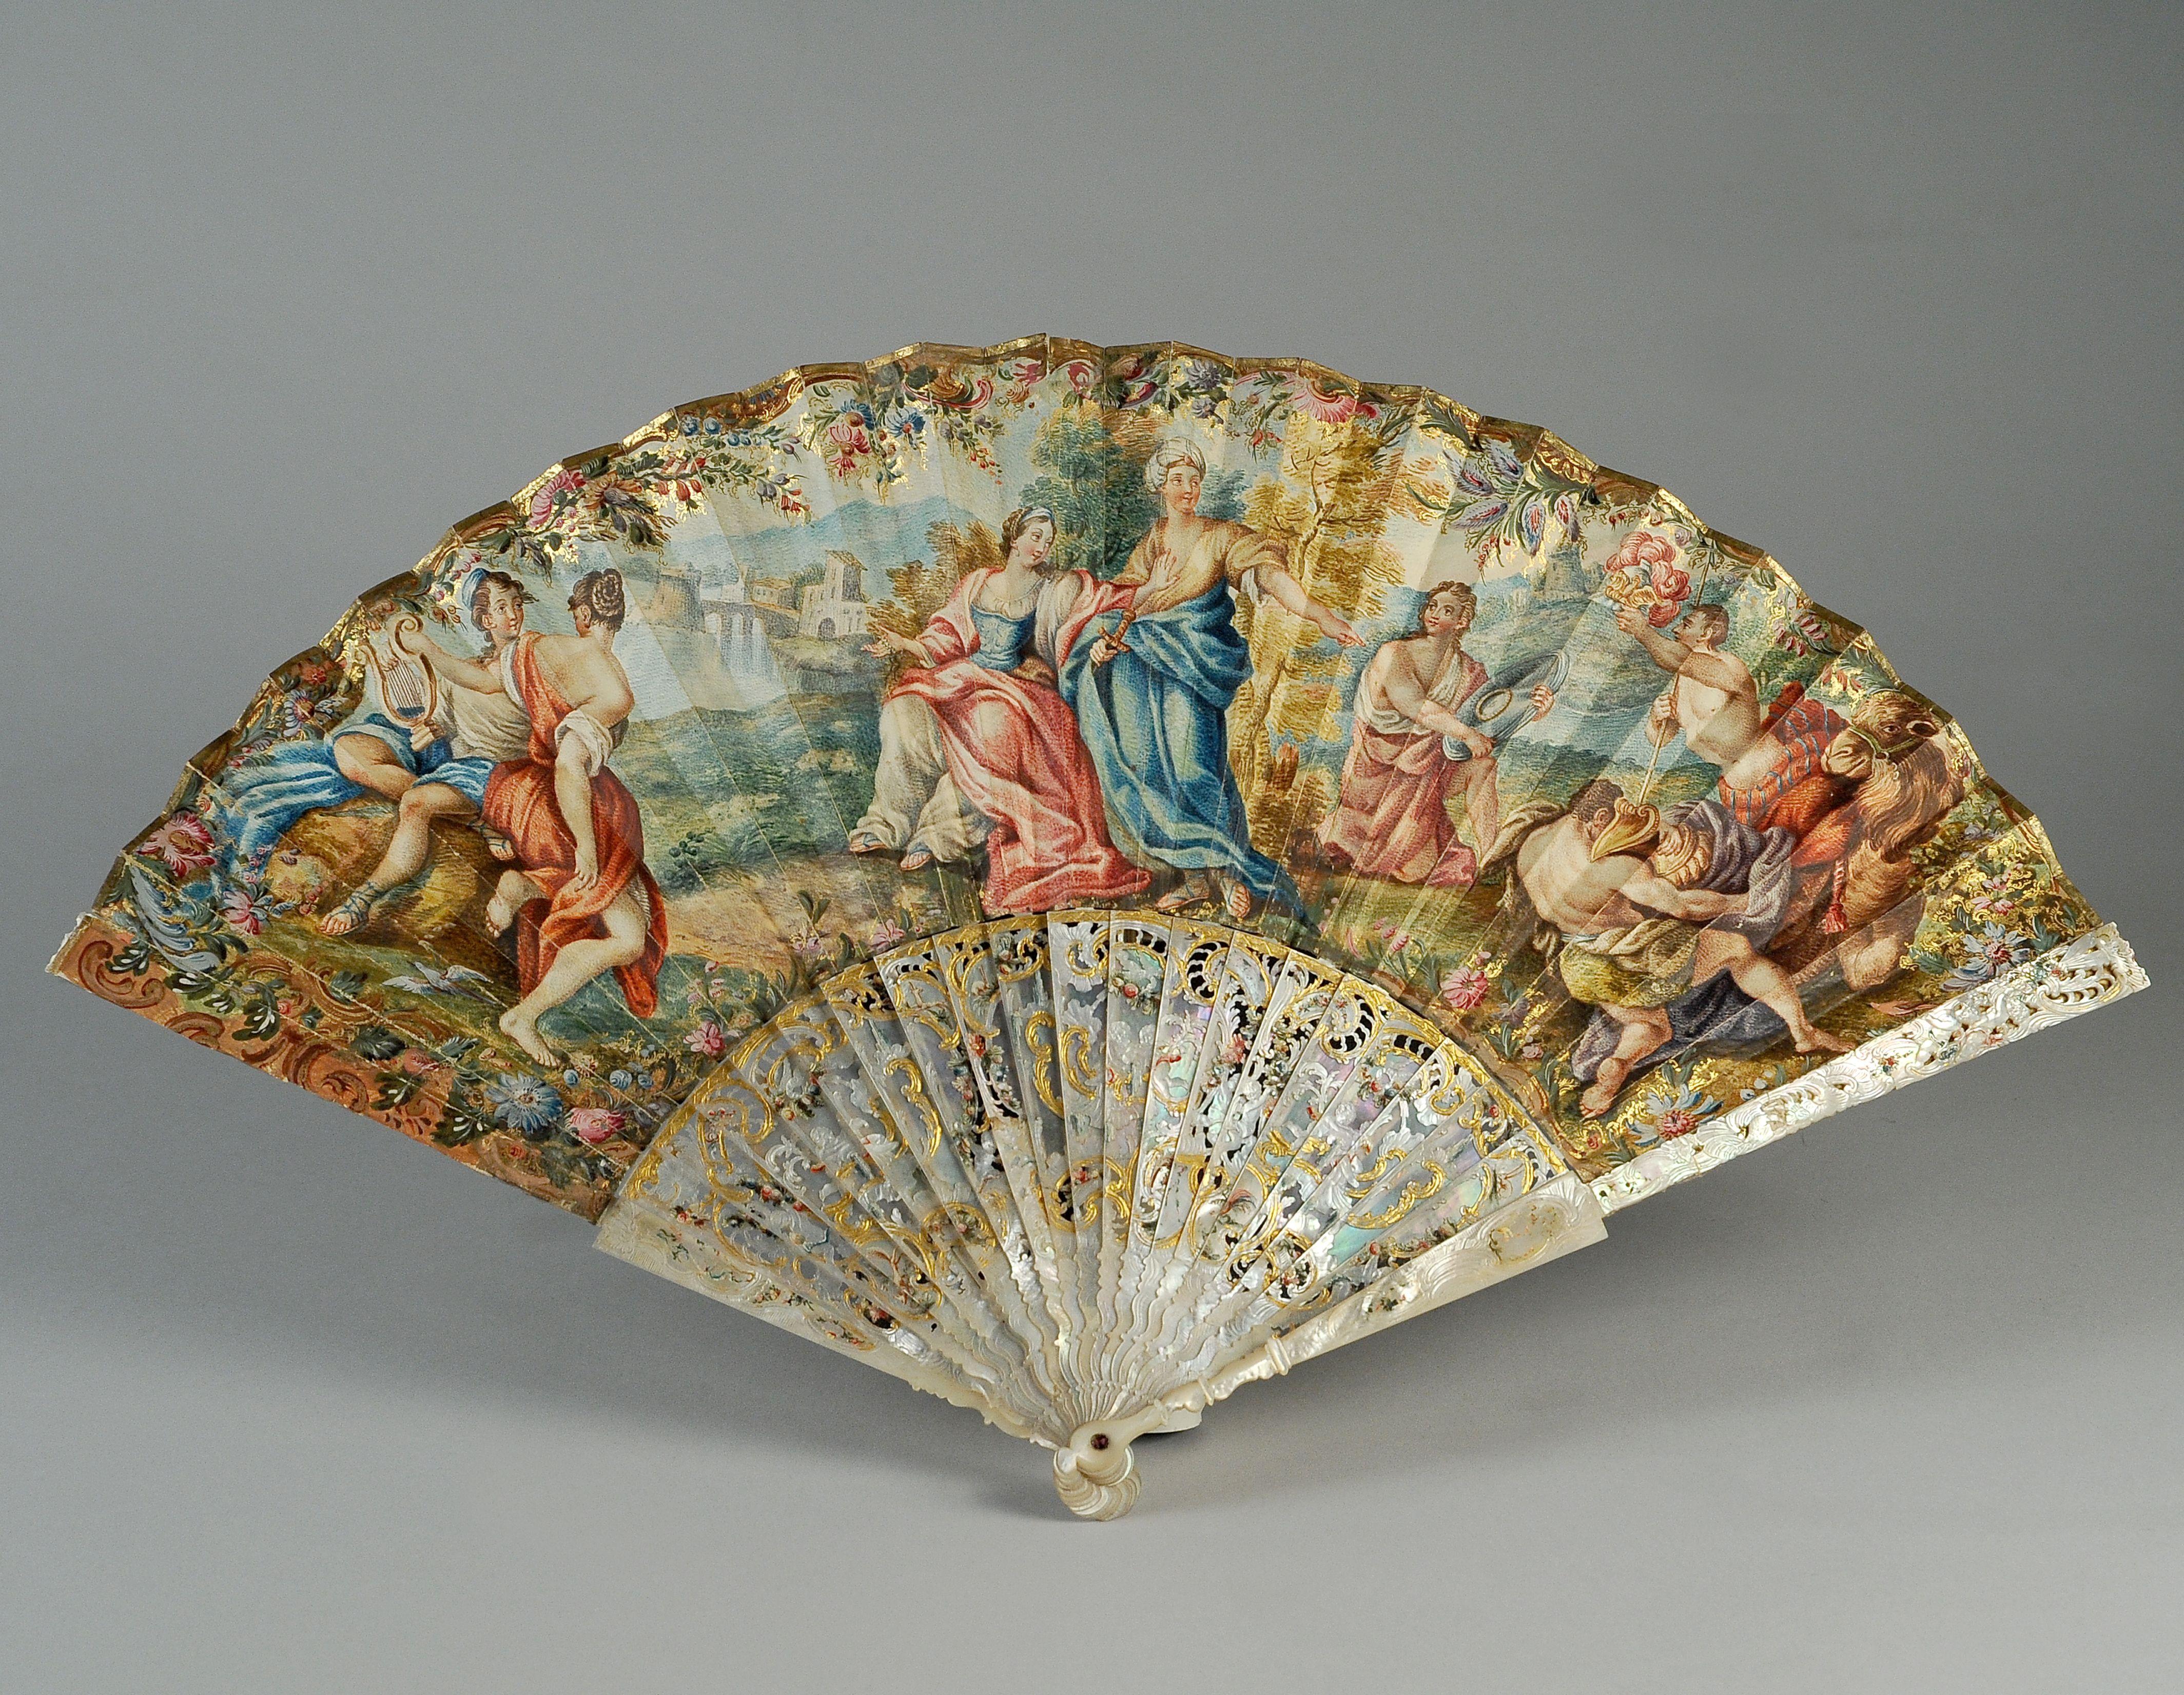 Ventagli Da Parete Decorativi v di ventaglio ventaglio italia, 1740 circa achille